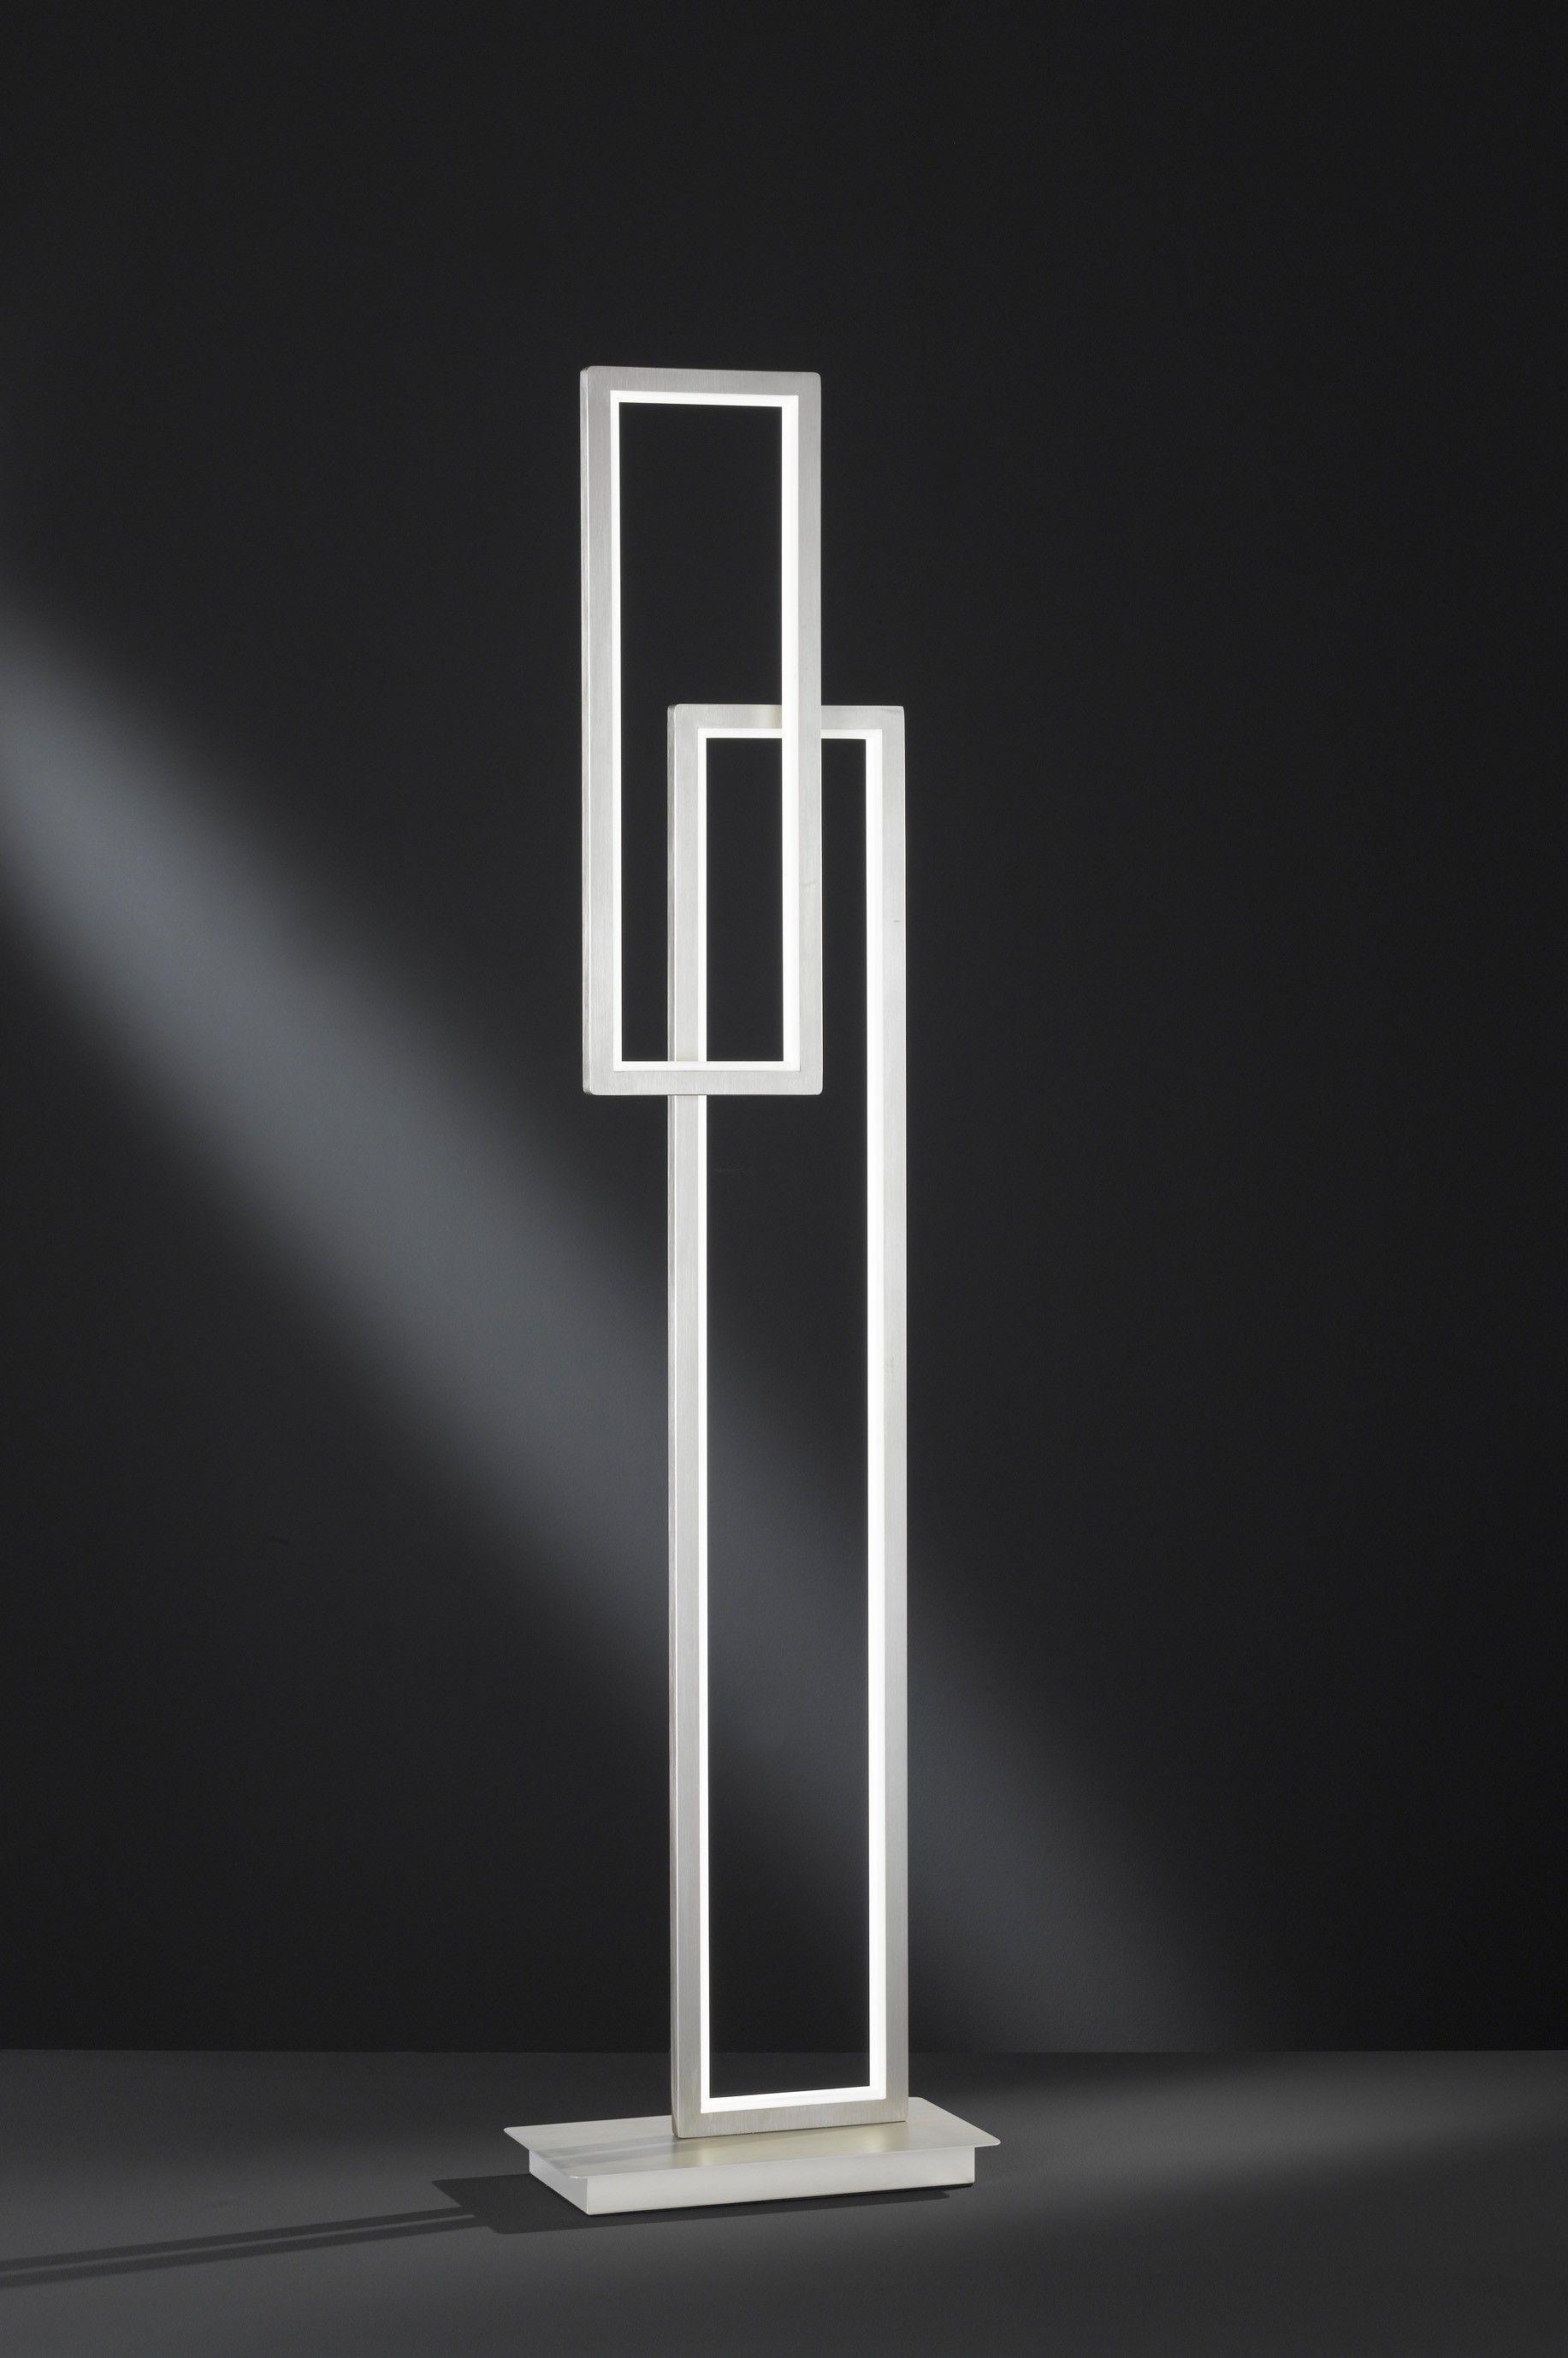 Stehleuchte Viso Stehleuchten Lampen Leuchten Mobel